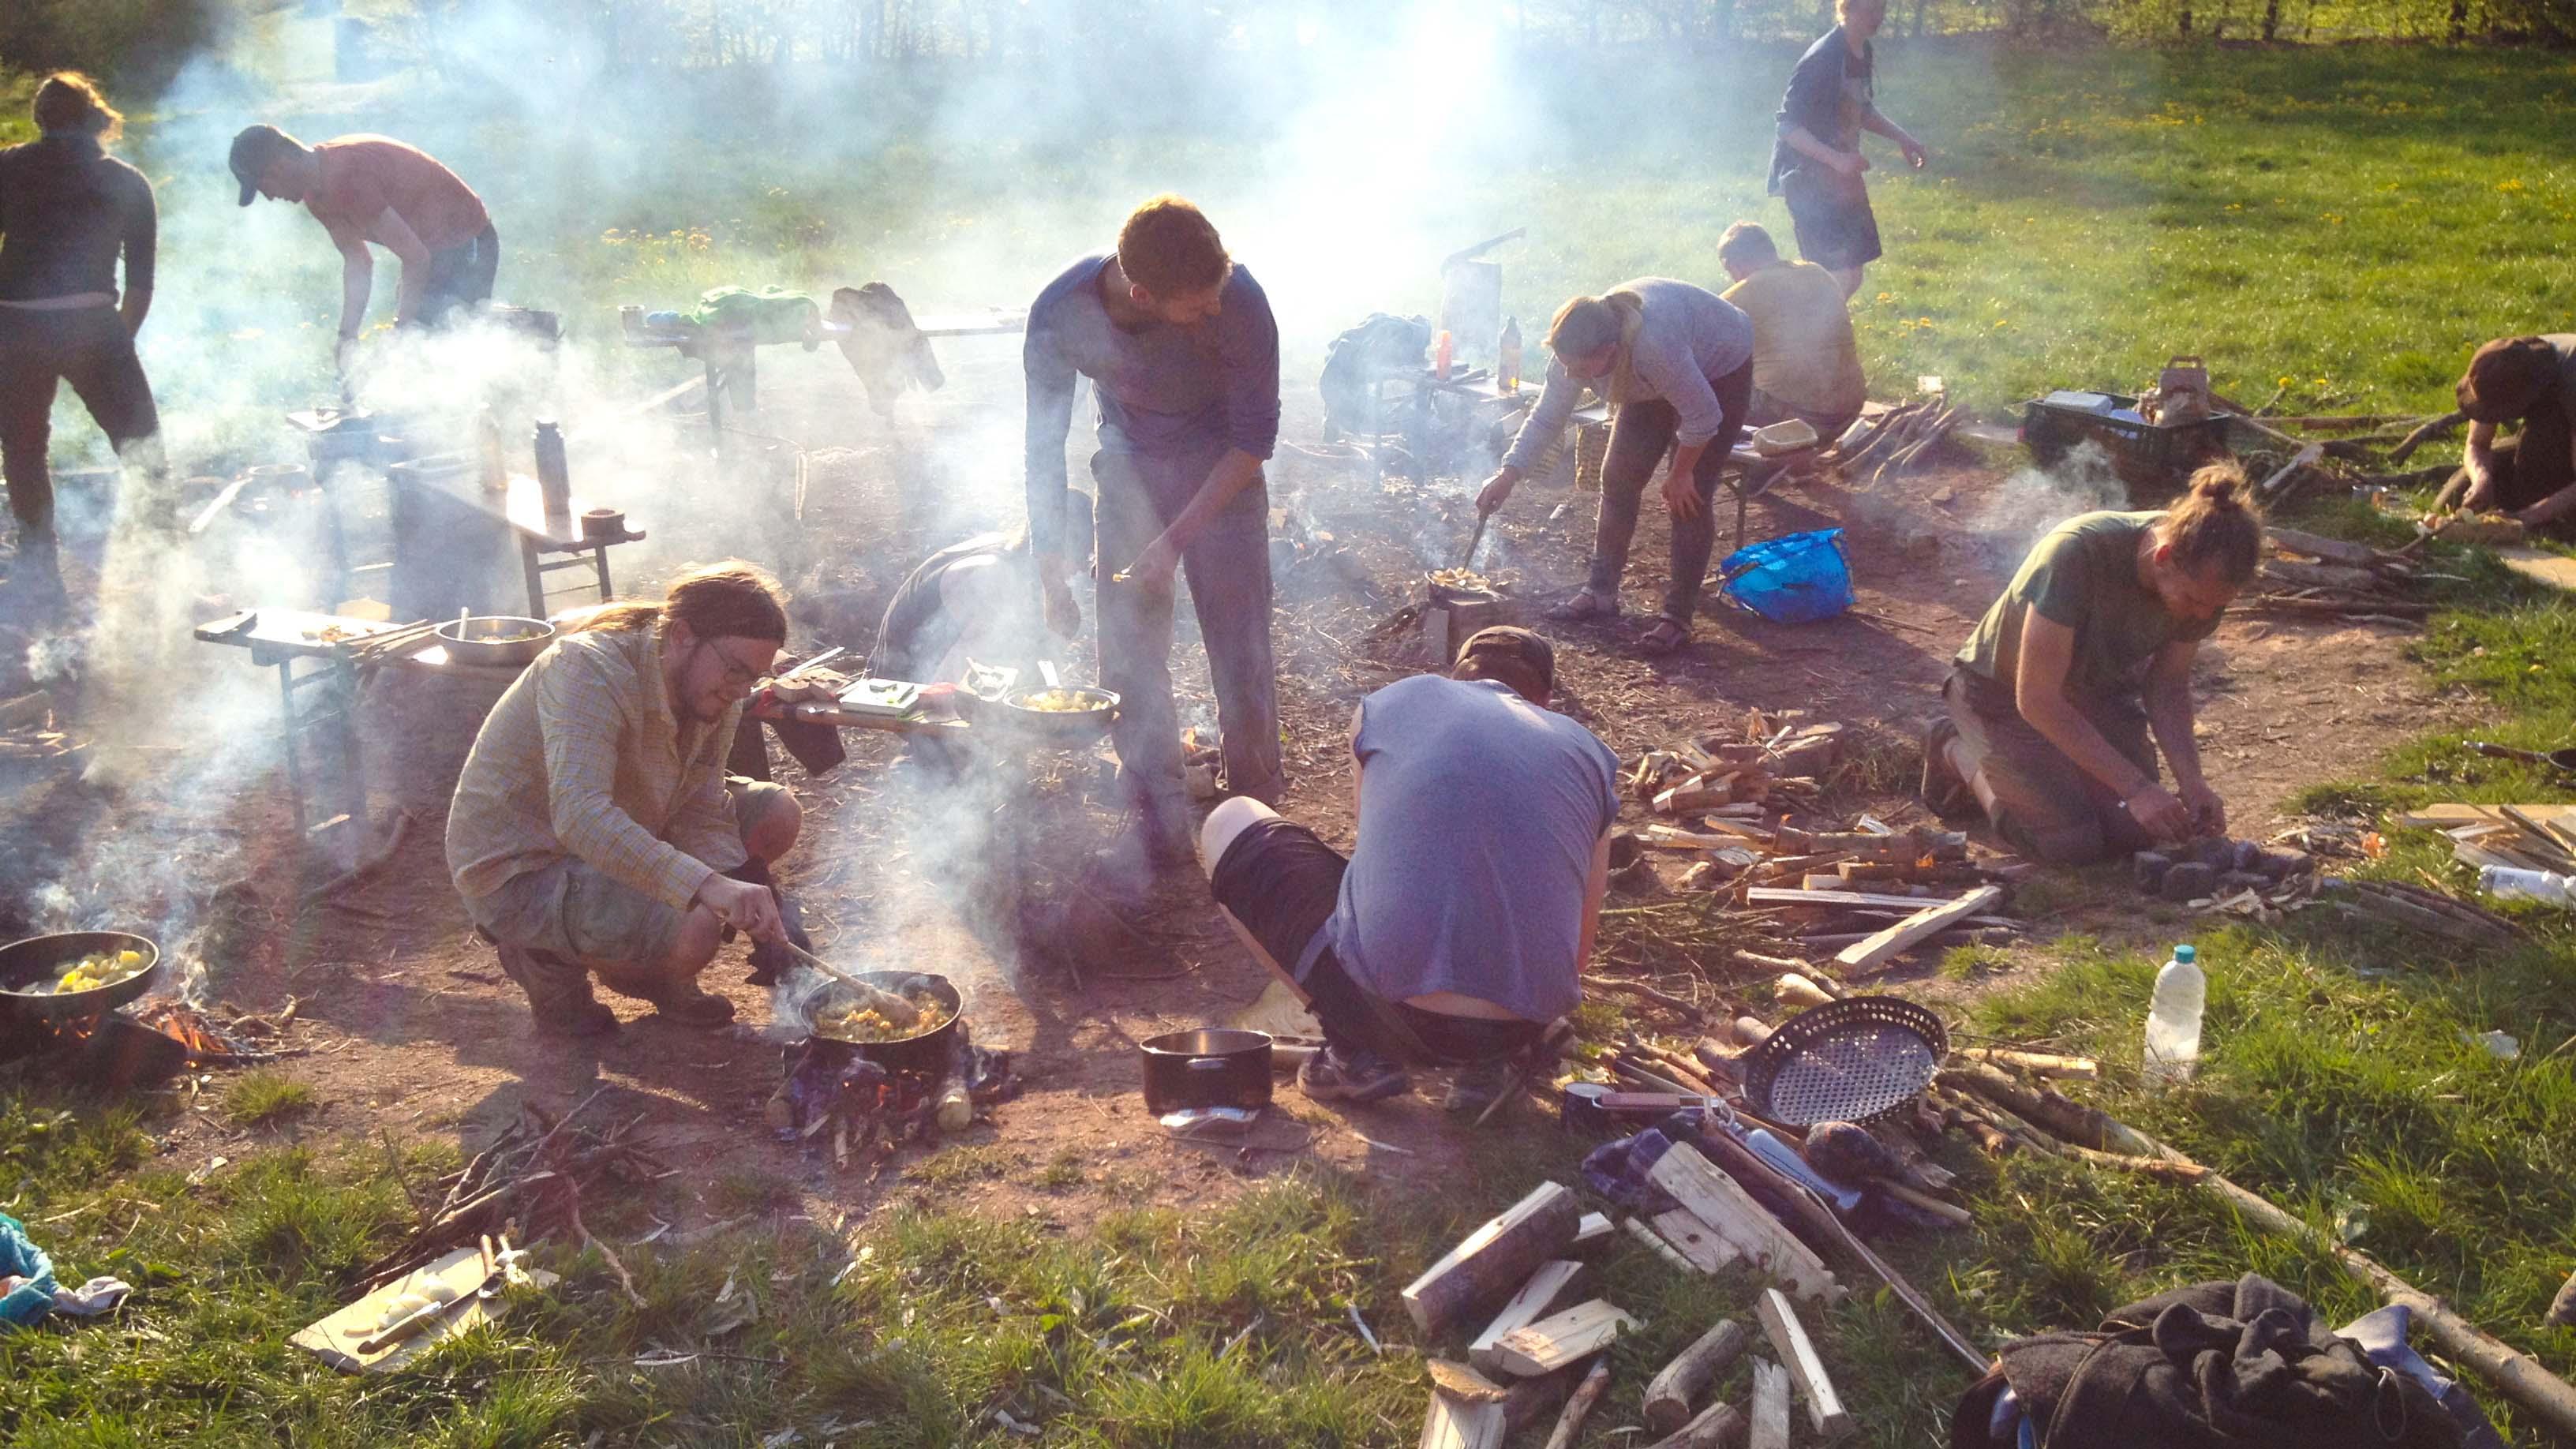 Wildnispaedagogik Weiterbildung Wildnisschule Weltenwandler